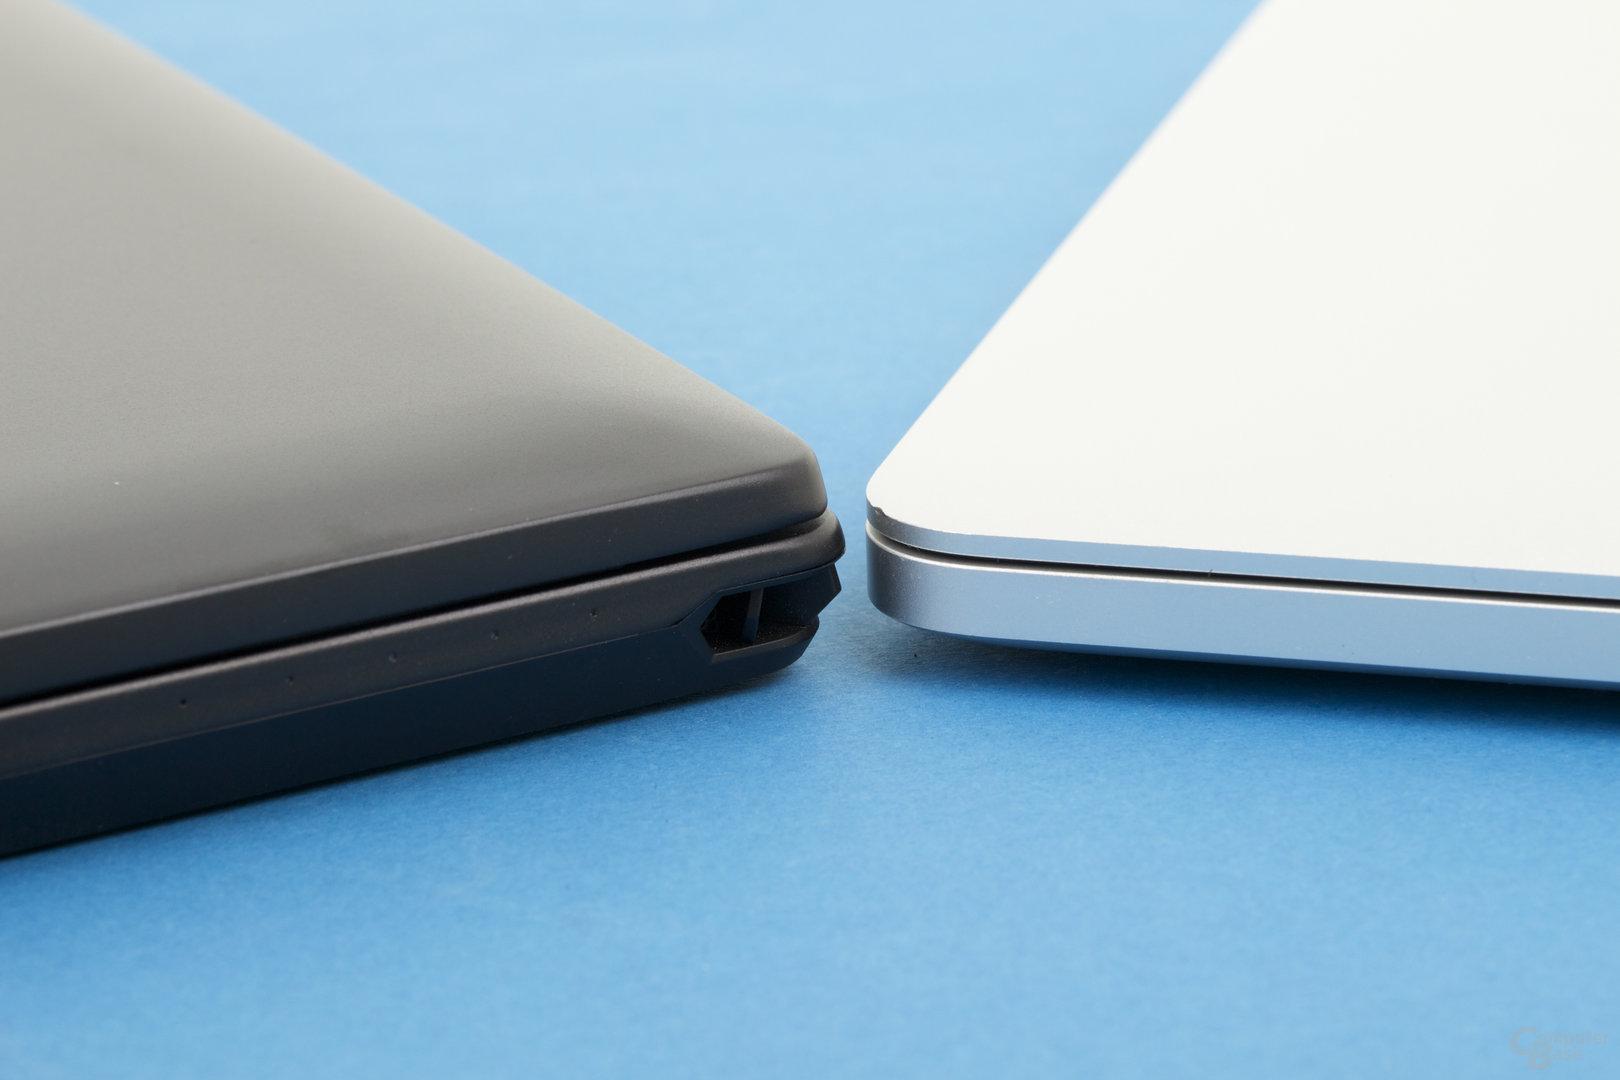 Die Basis ist so hoch wie ein MacBook Pro 15 Zoll